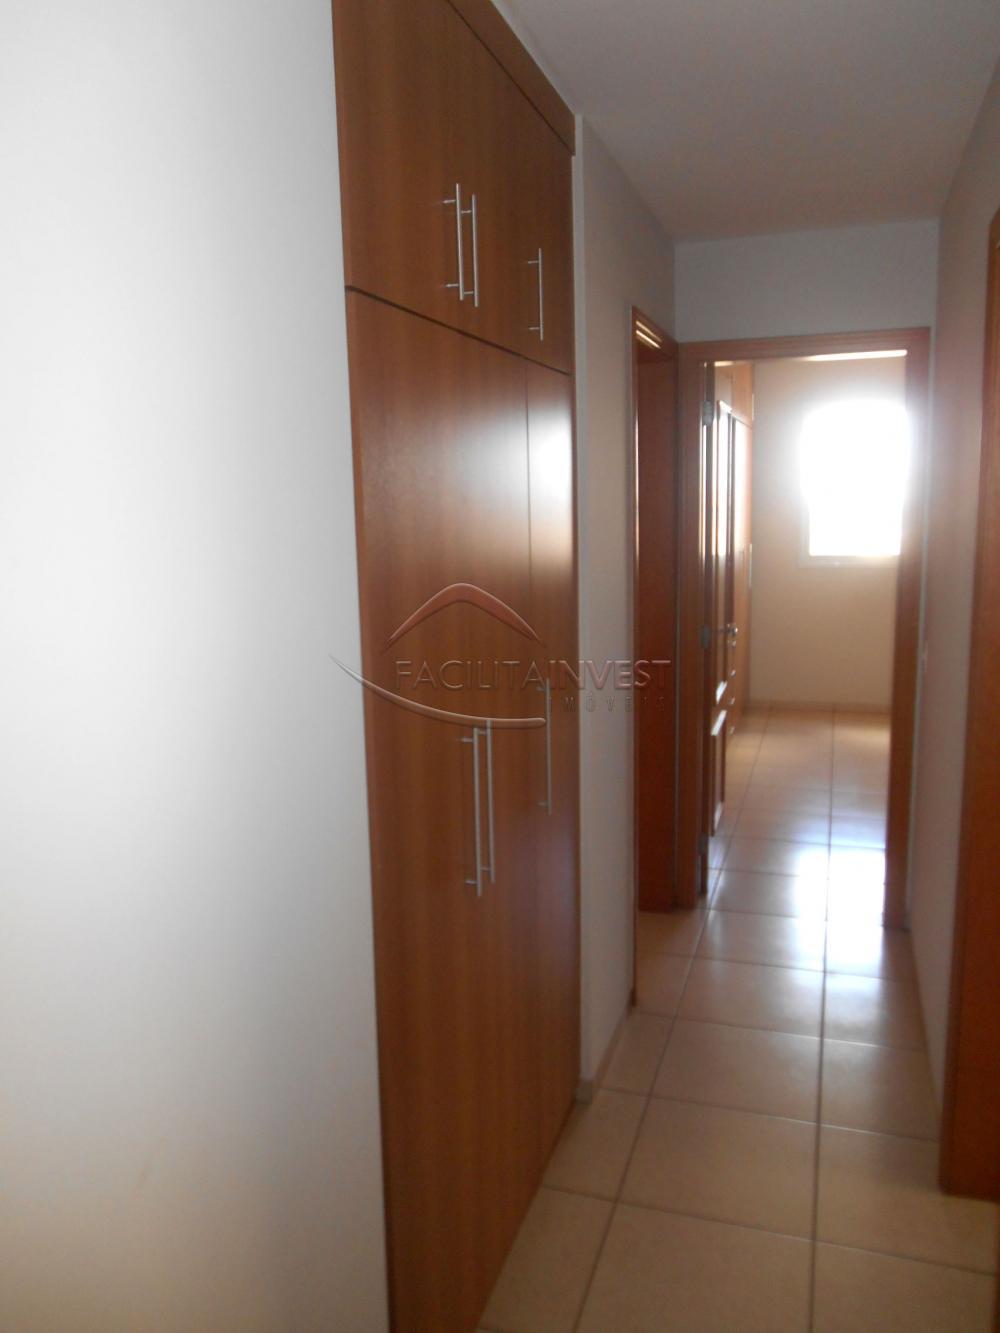 Alugar Apartamentos / Apart. Padrão em Ribeirão Preto apenas R$ 2.500,00 - Foto 8